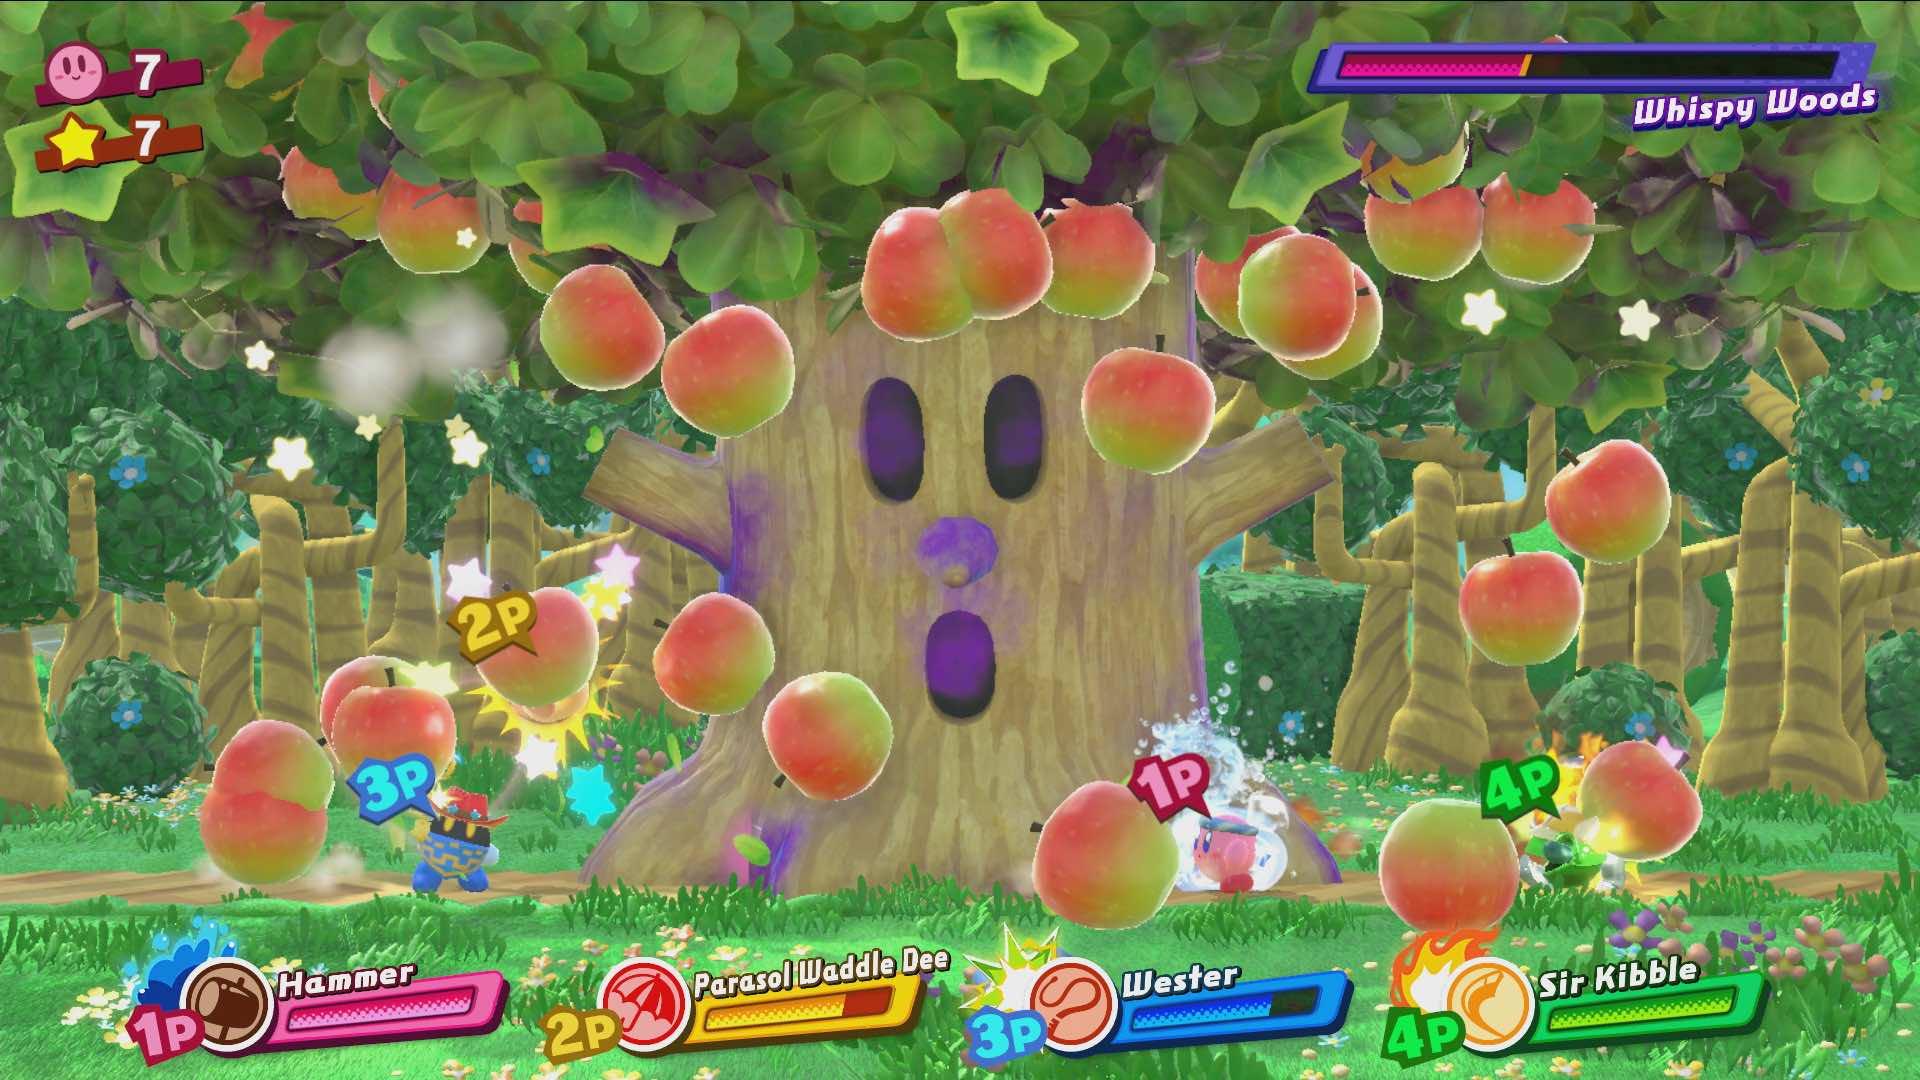 Kirby Y Yoshi Tendran Nuevos Juegos En Nintendo Switch Consola Y